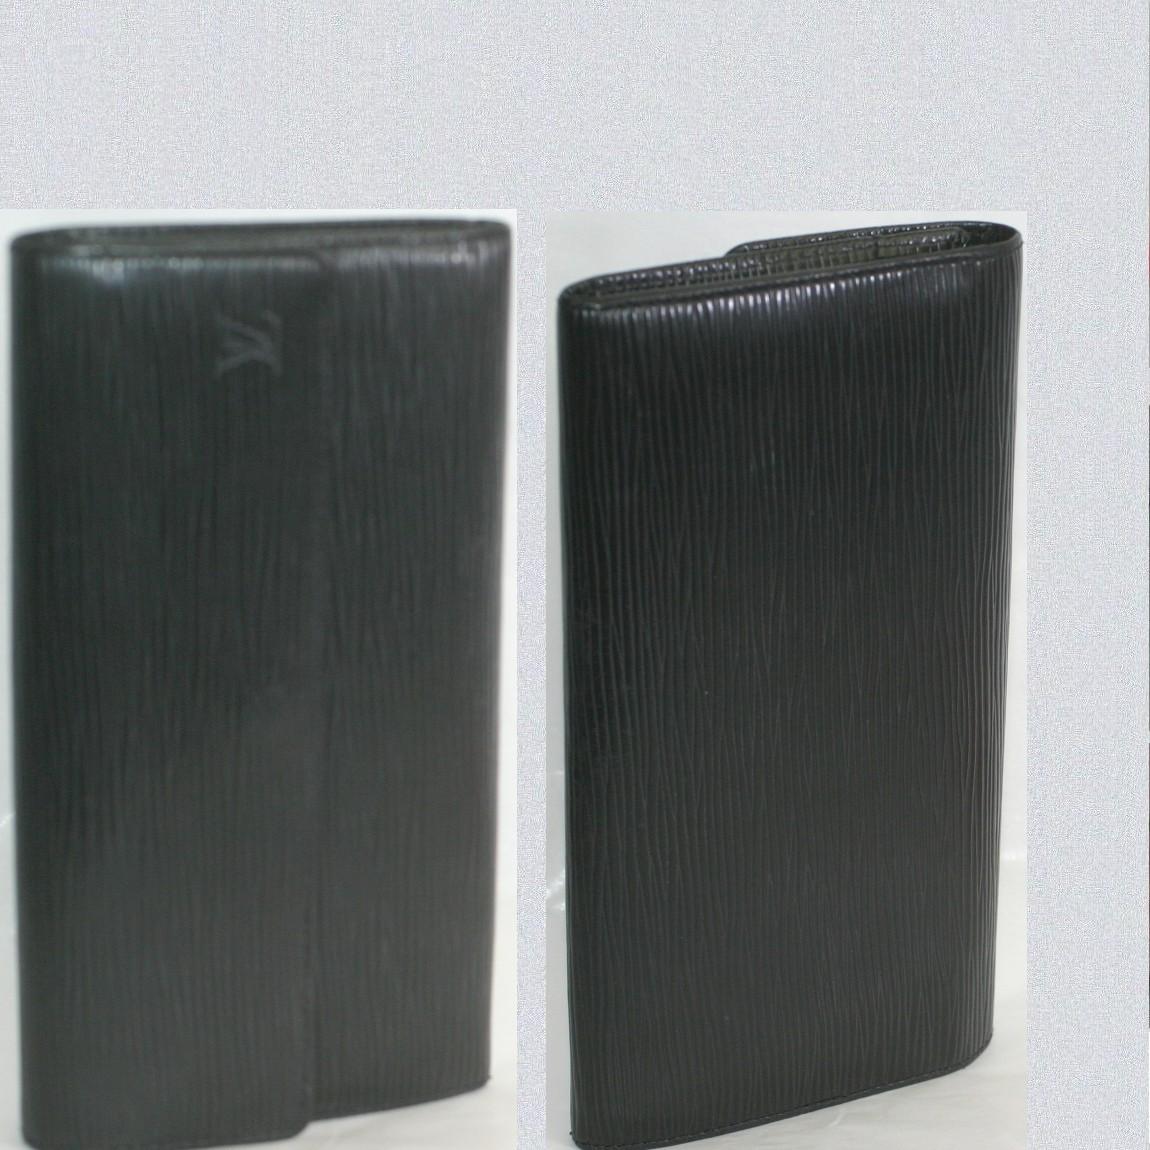 【中古】本物抜群に綺麗L/Vエピの黒い紳士用ファスナーつき長財布M63592 サイズW19,5H11D2cm